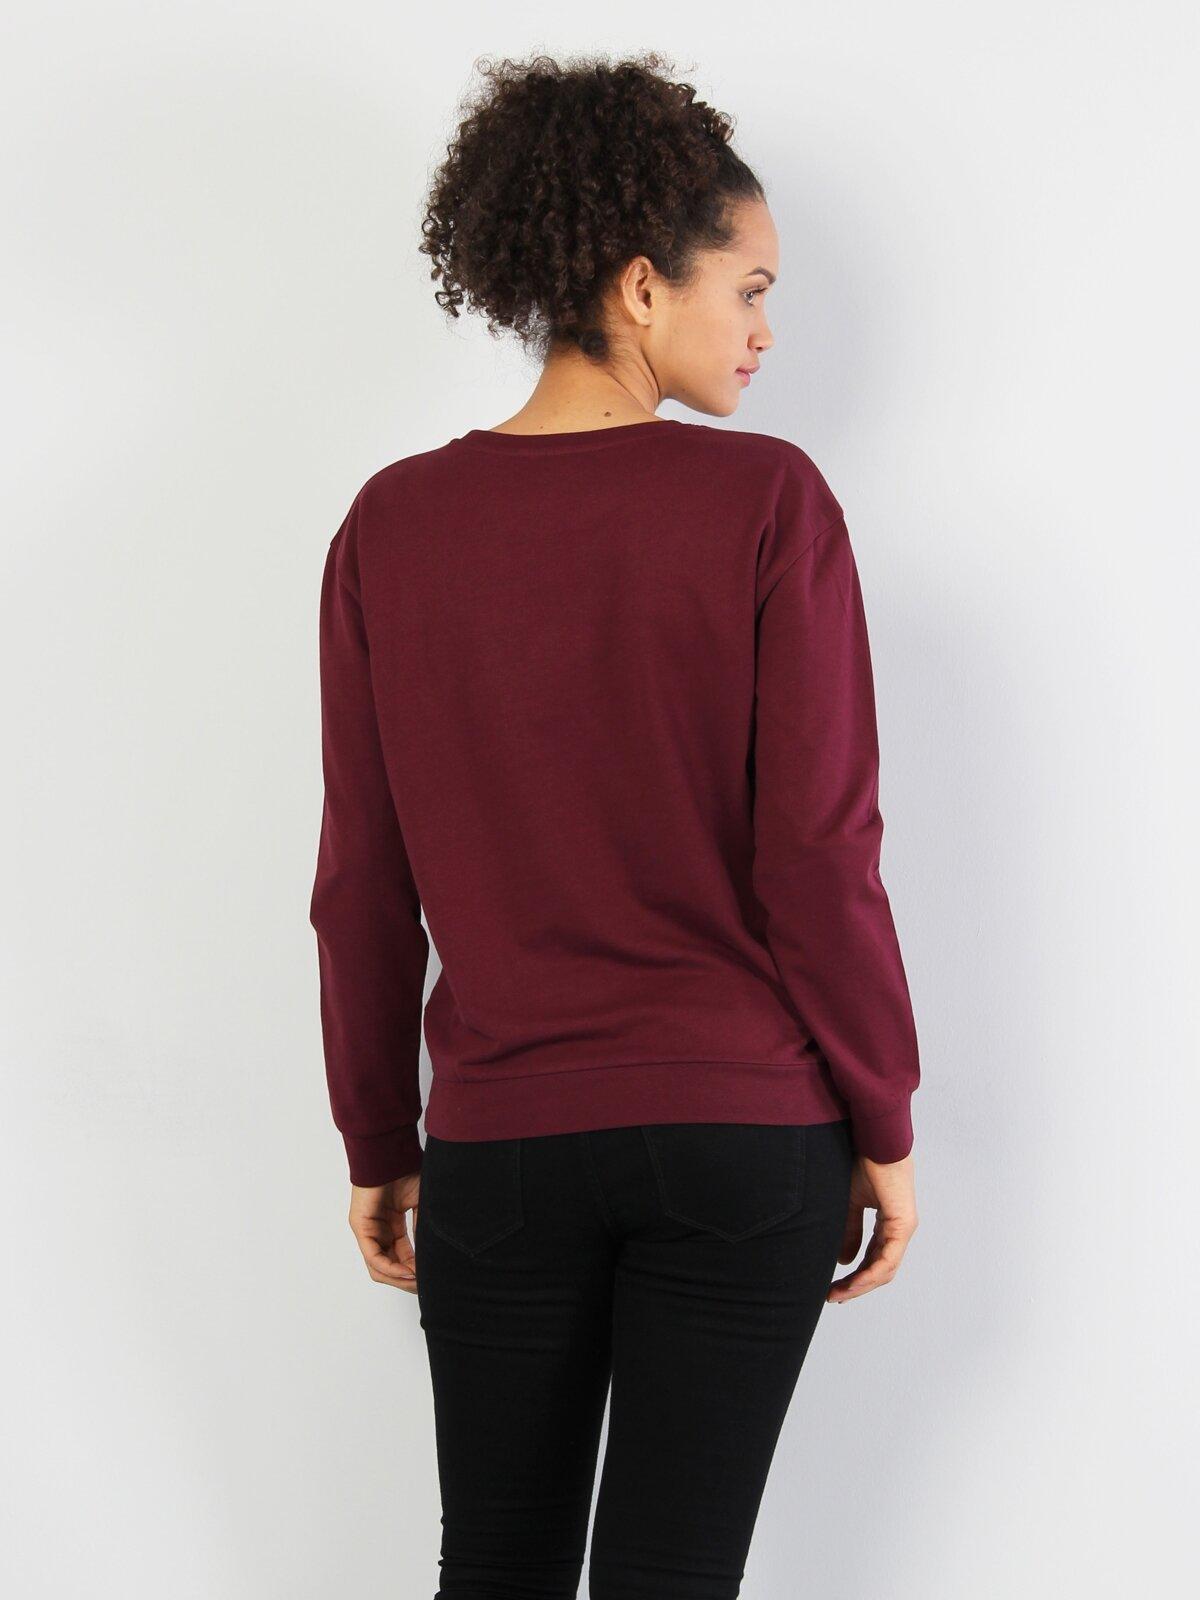 Bordo Baskılı Uzun Kol Sweatshirt